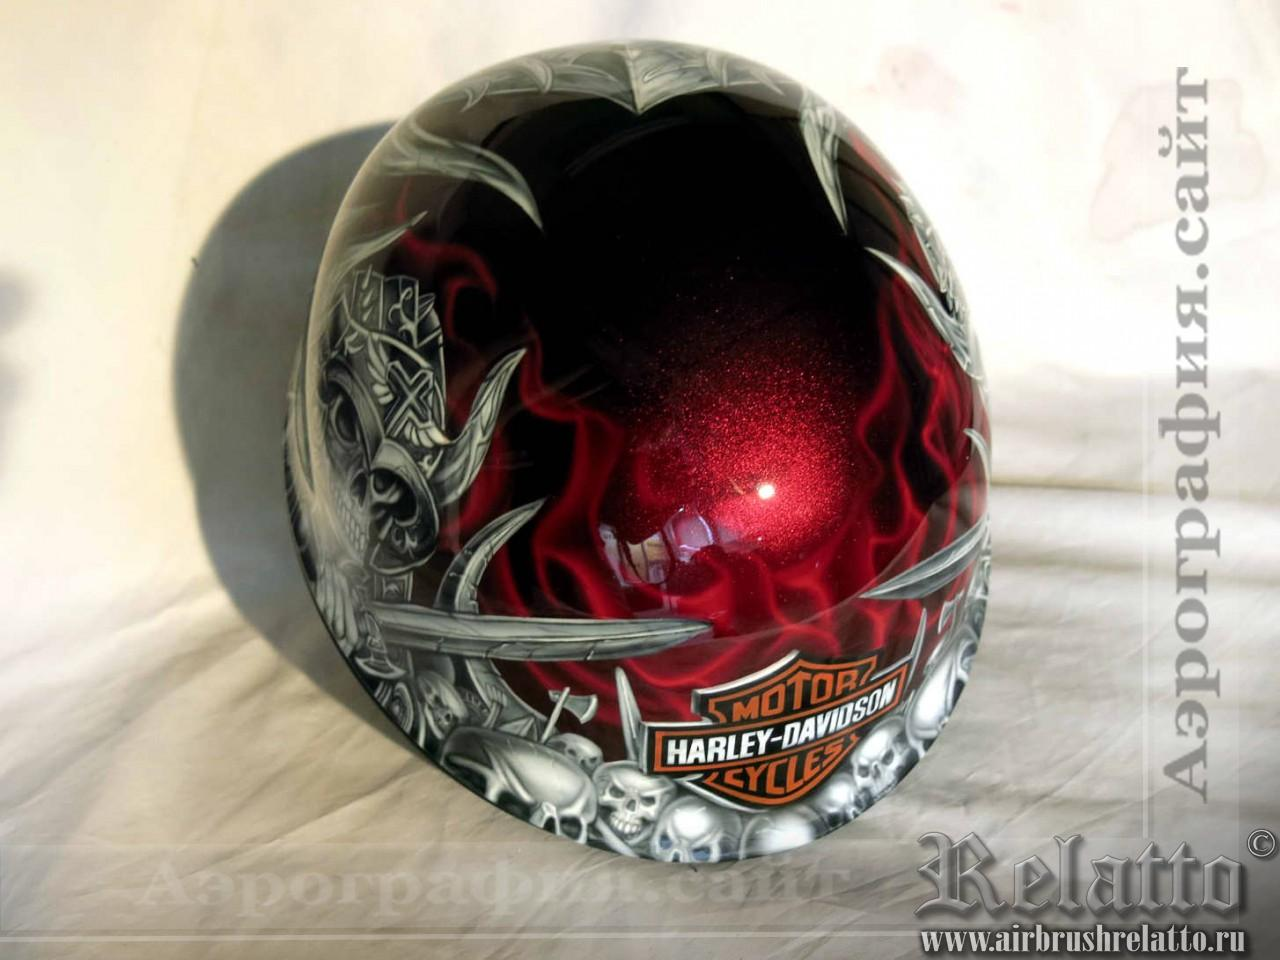 роспись шлемов Харлей Дэвидсон Белгород